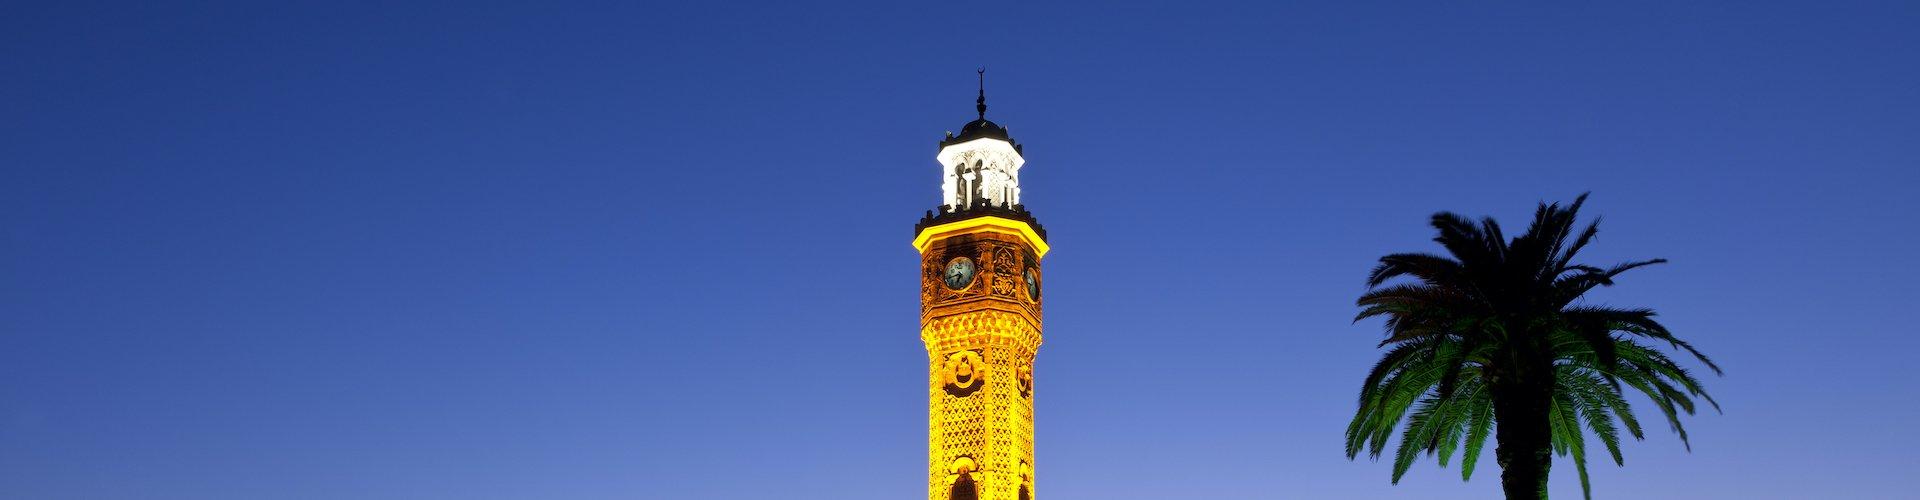 Ausflugsziel Saat Kulesi (Uhrturm)